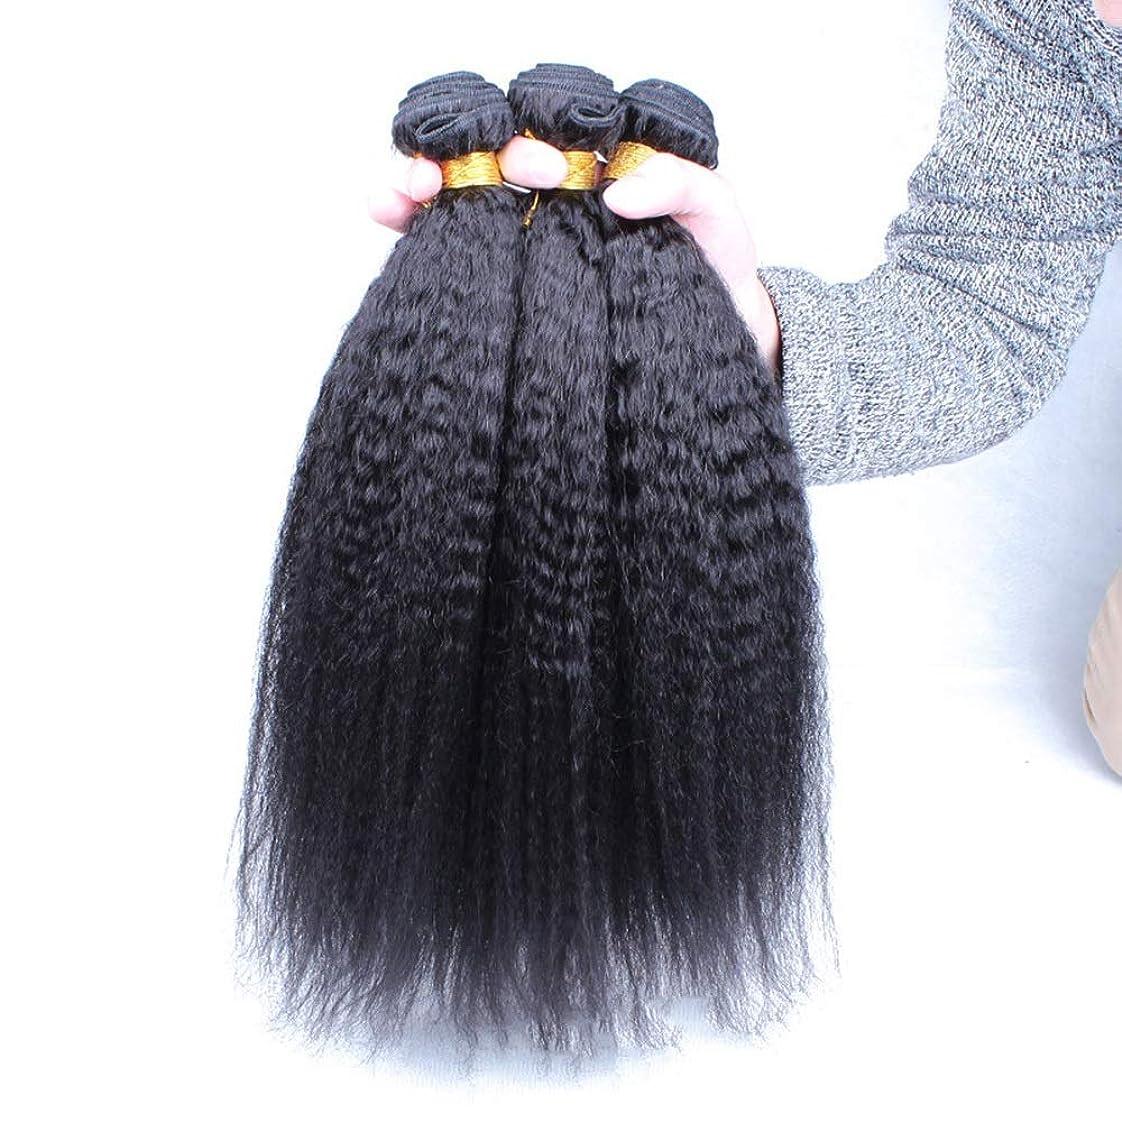 消去洪水くしゃみIsikawan 焼きストレートヘア織り人毛100%エクステンションナチュラルブラックカラー(10インチ-24インチ)ブラジル人変態ストレート人間の髪の毛の束 (色 : ブラック, サイズ : 20 inch)